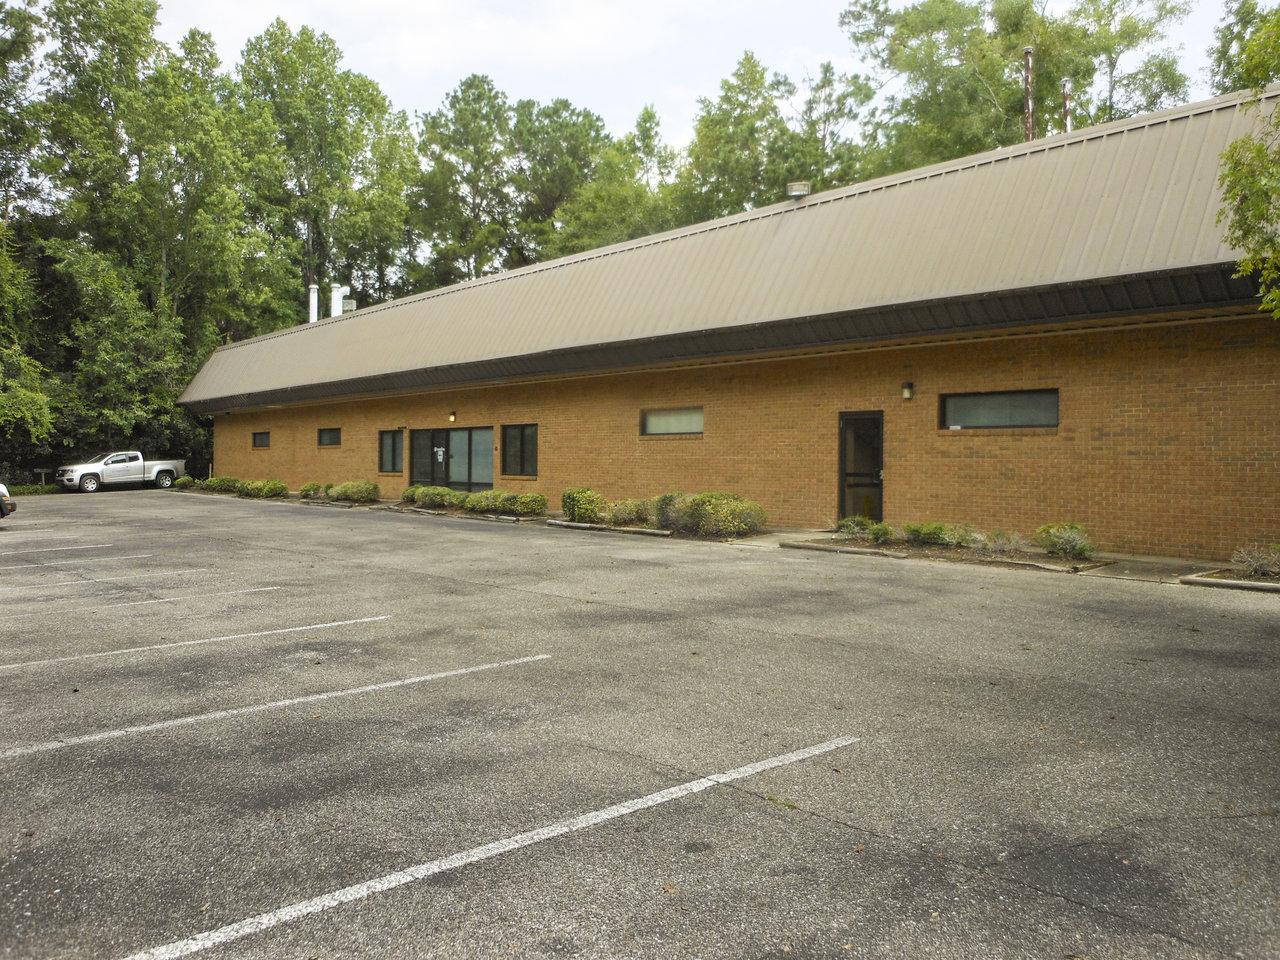 2846 Industrial Plaza Drive, Tallahassee, FL, 32301 Tallahassee,FL